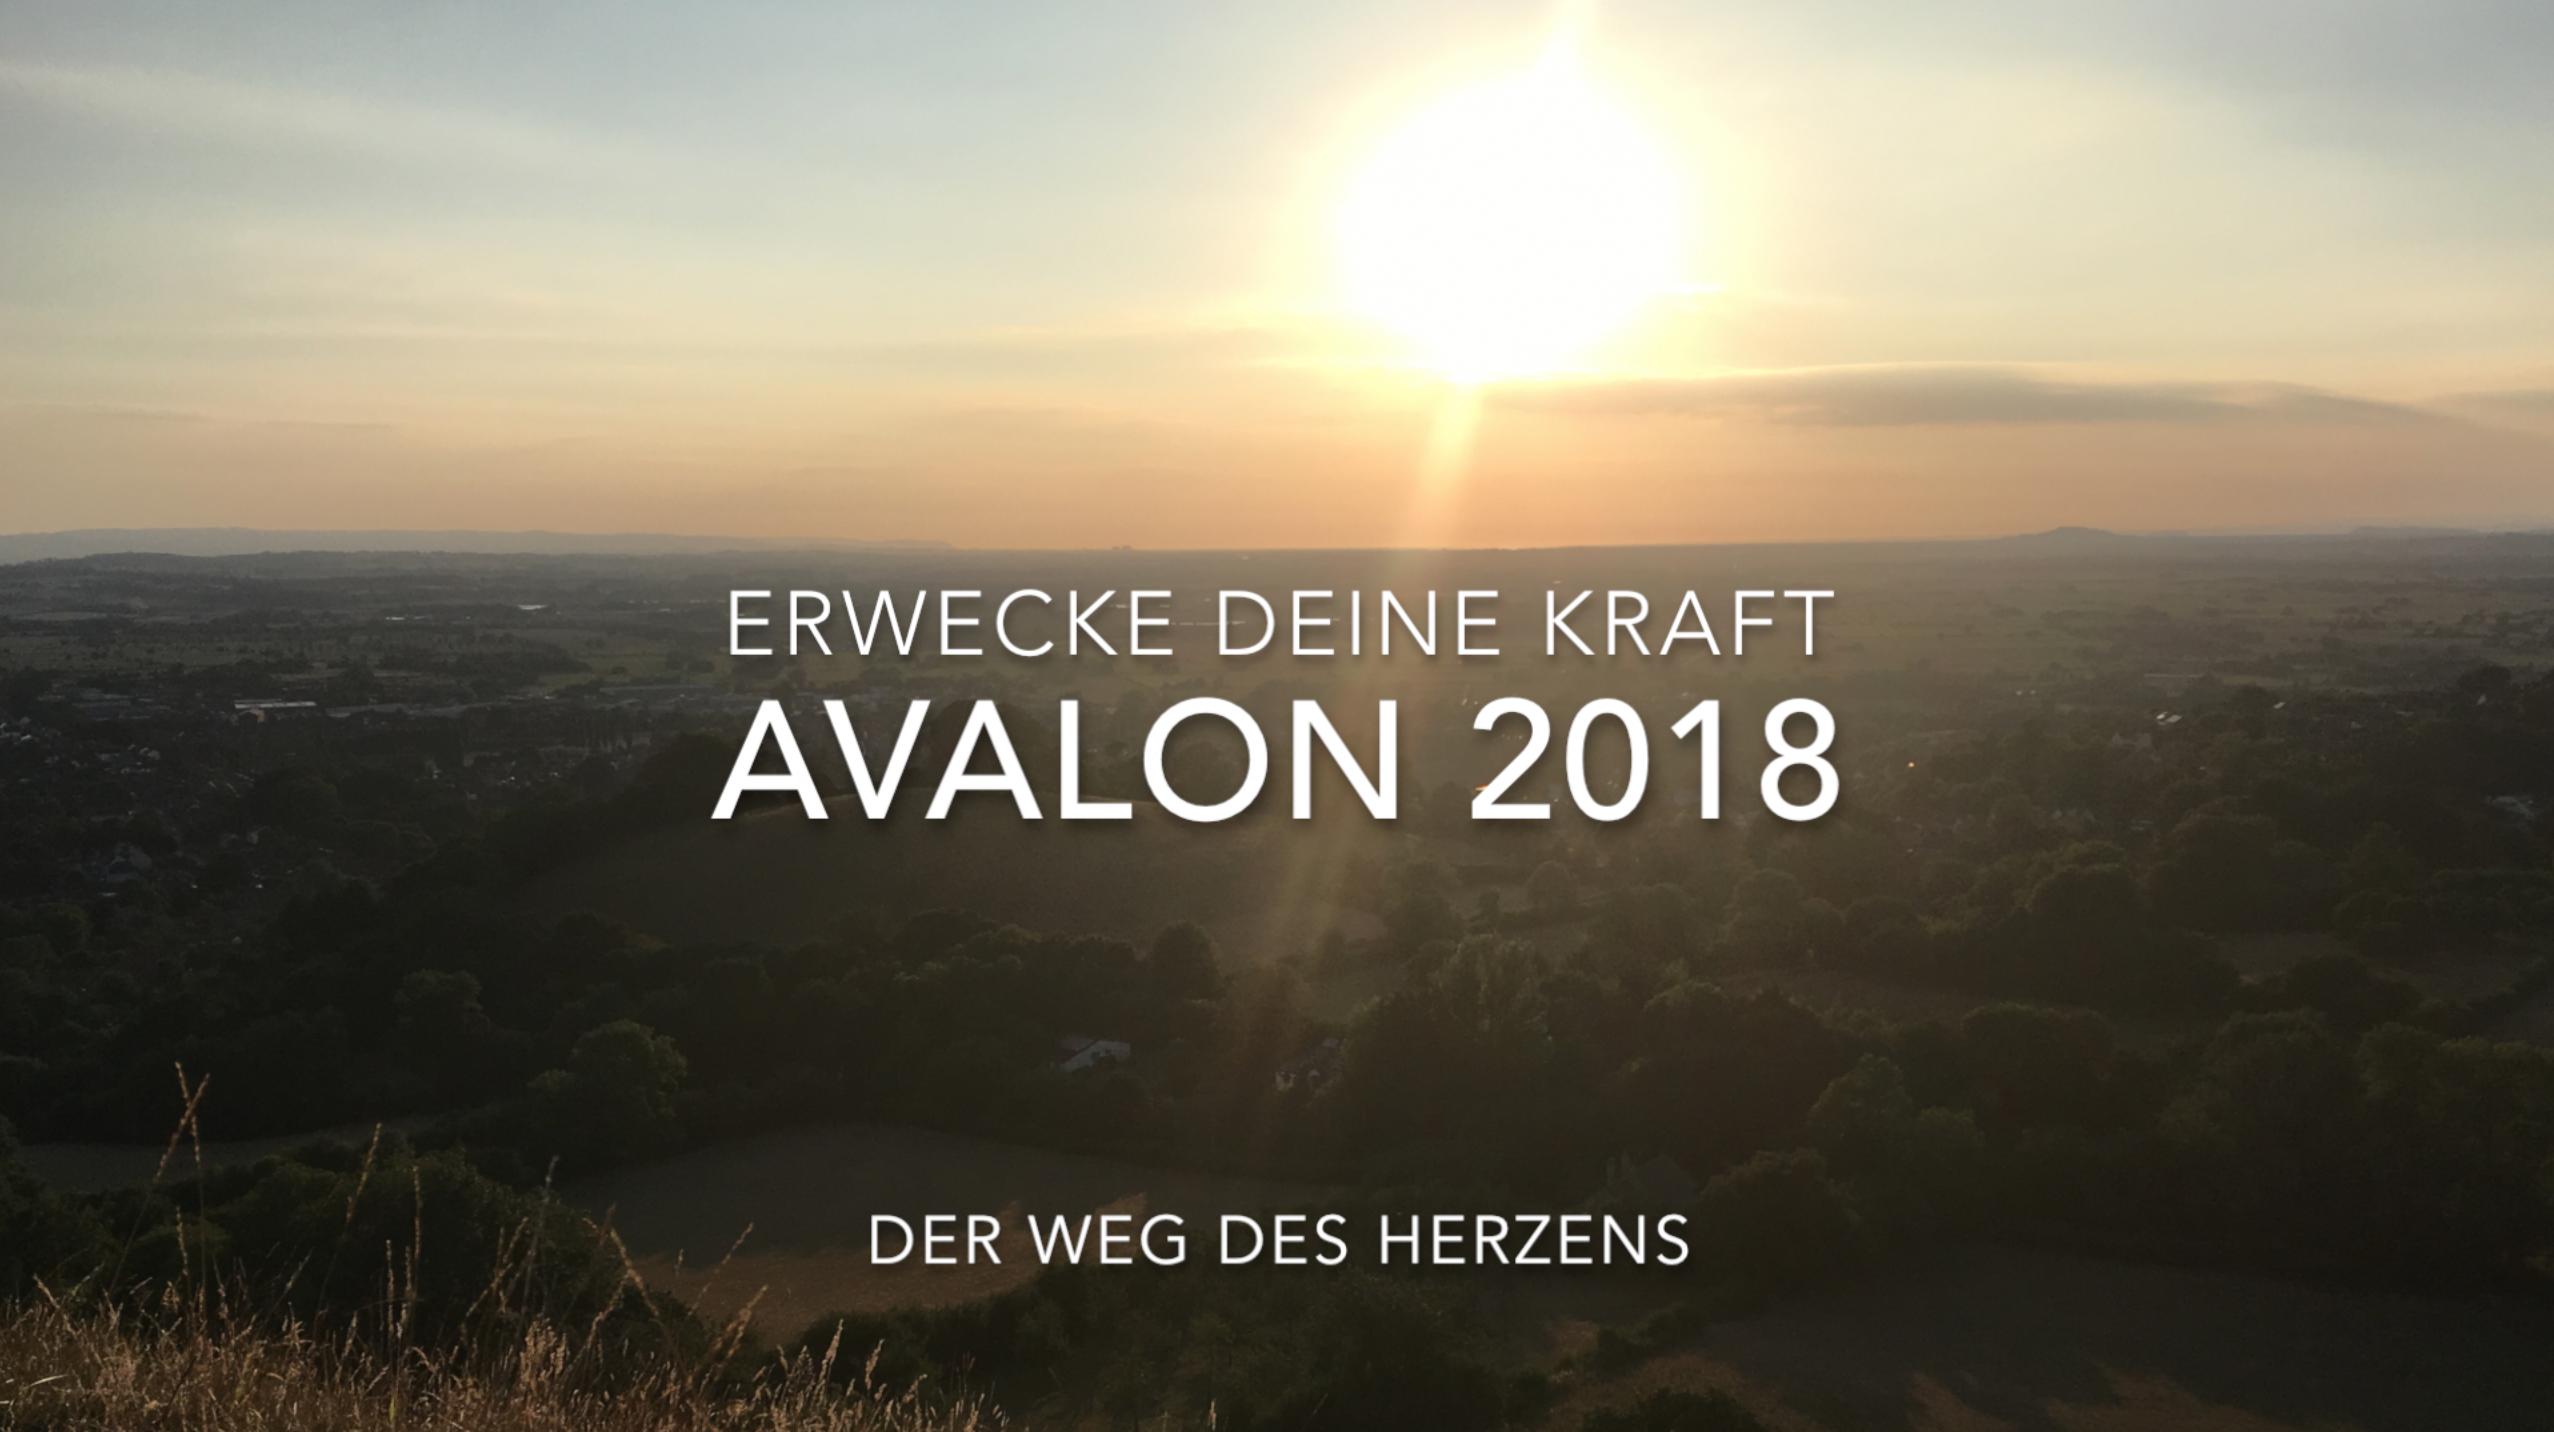 Avalon 2018 – Erwecke Deine Kraft